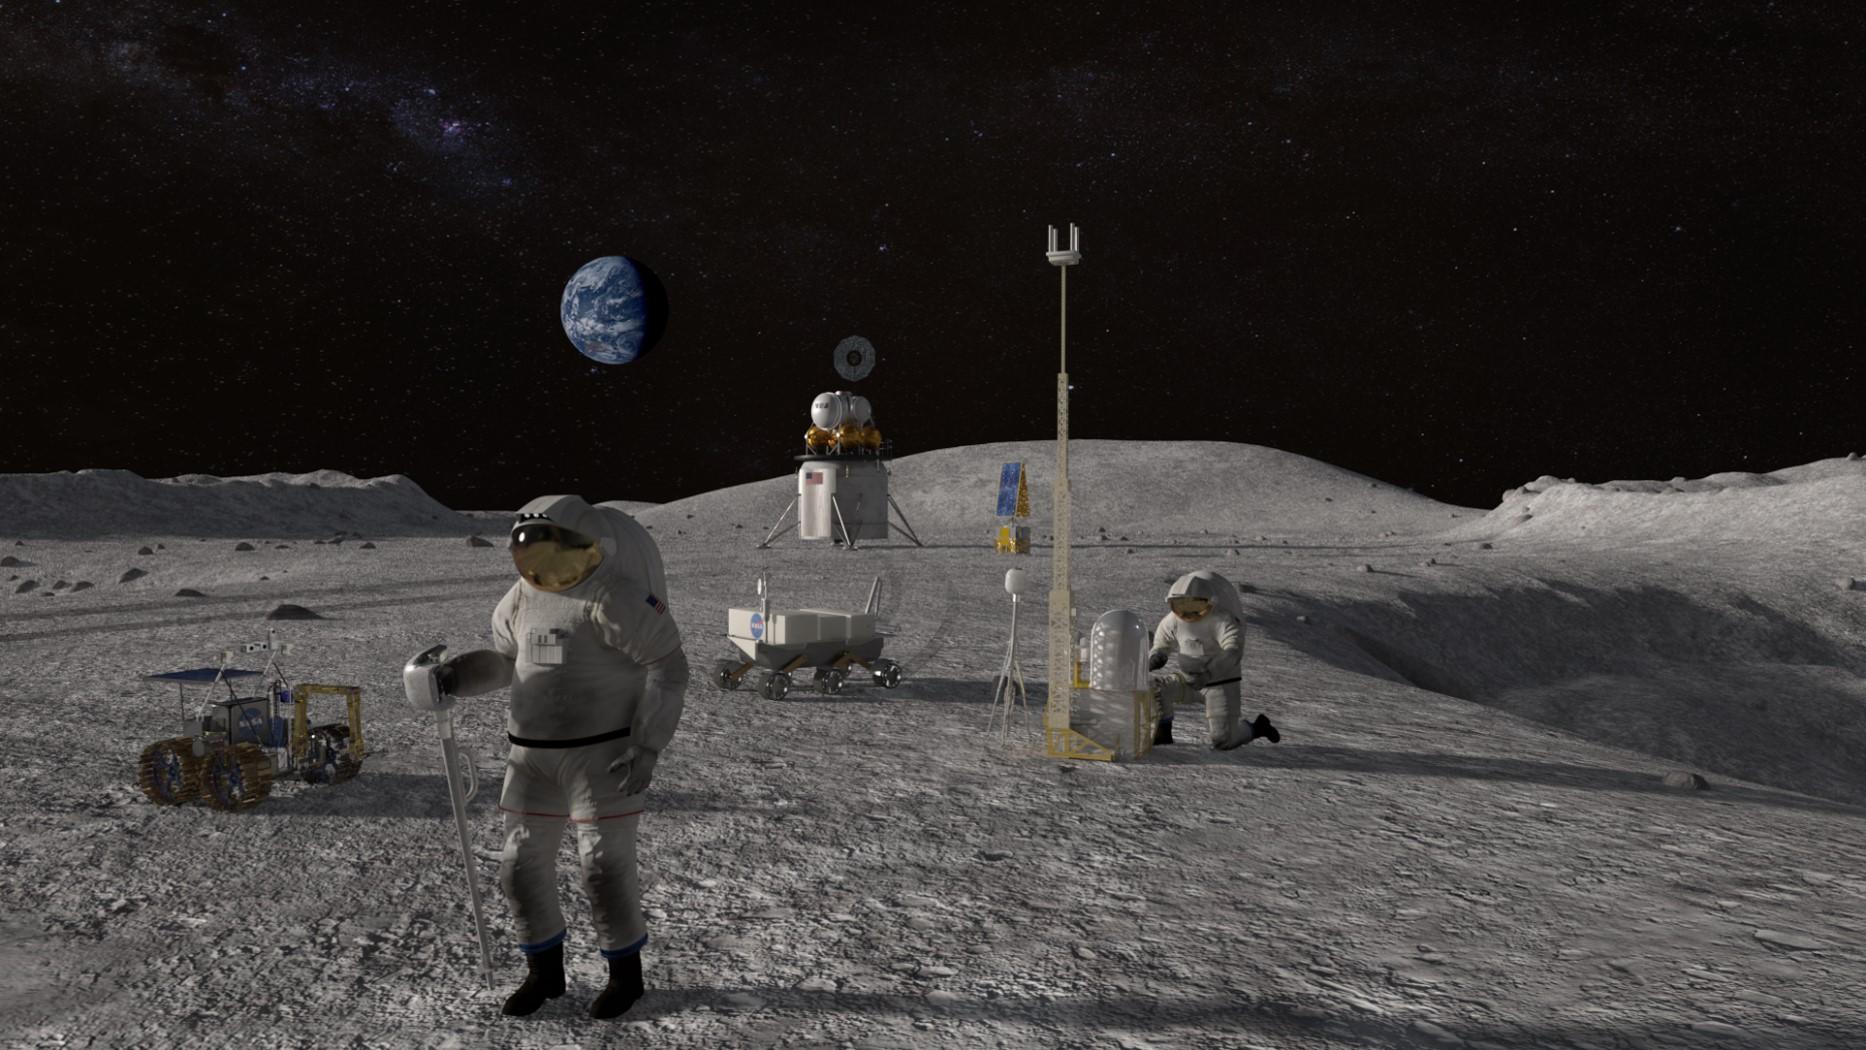 Concepção artística dos astronautas na Missão Artemis III, programada para 2024. Imagem: NASA